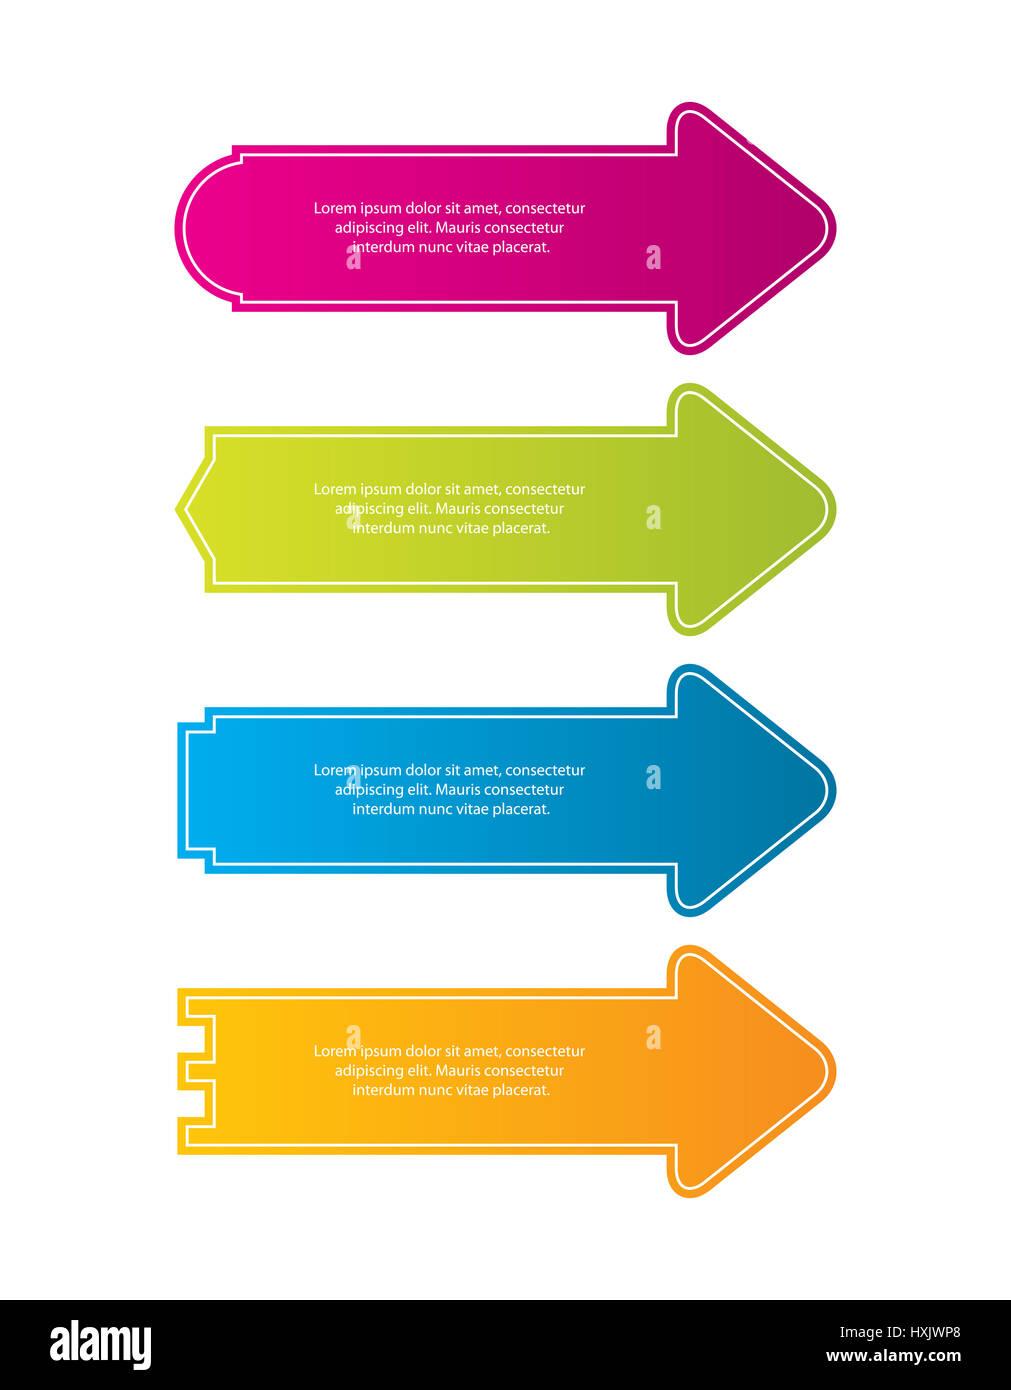 Speciale freccia colorata adesivi per siti web.illustrazione vettoriale EPS10 Immagini Stock